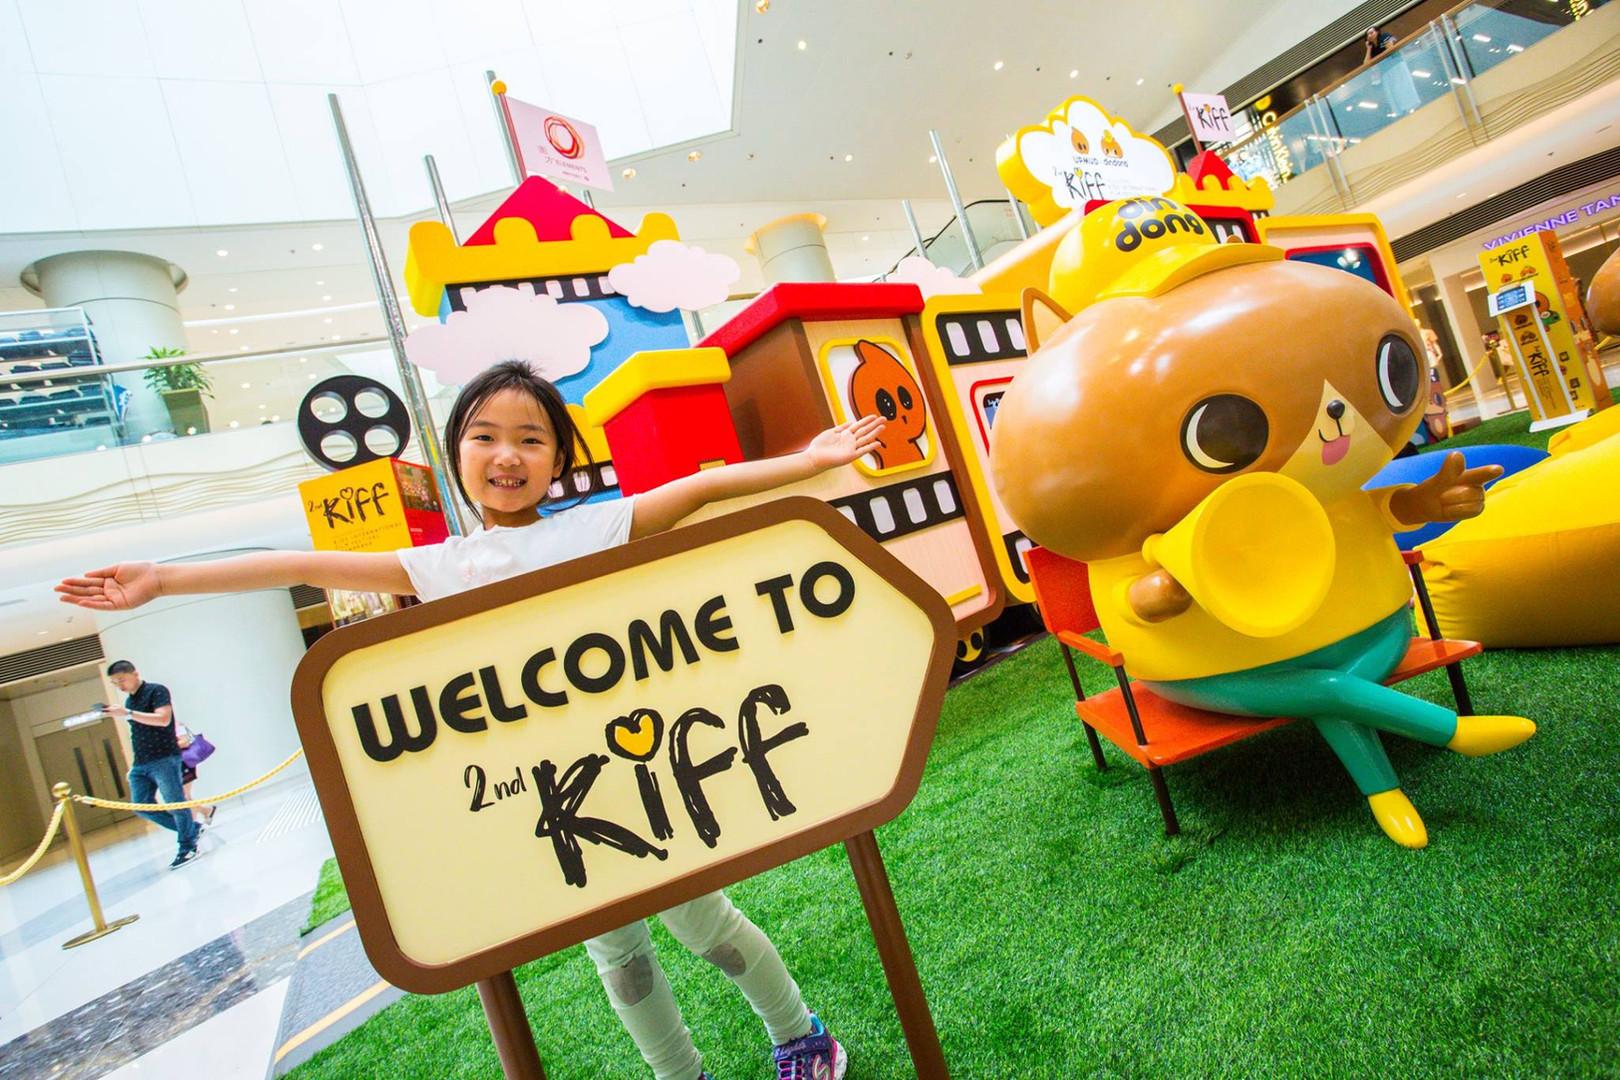 1st KIFF